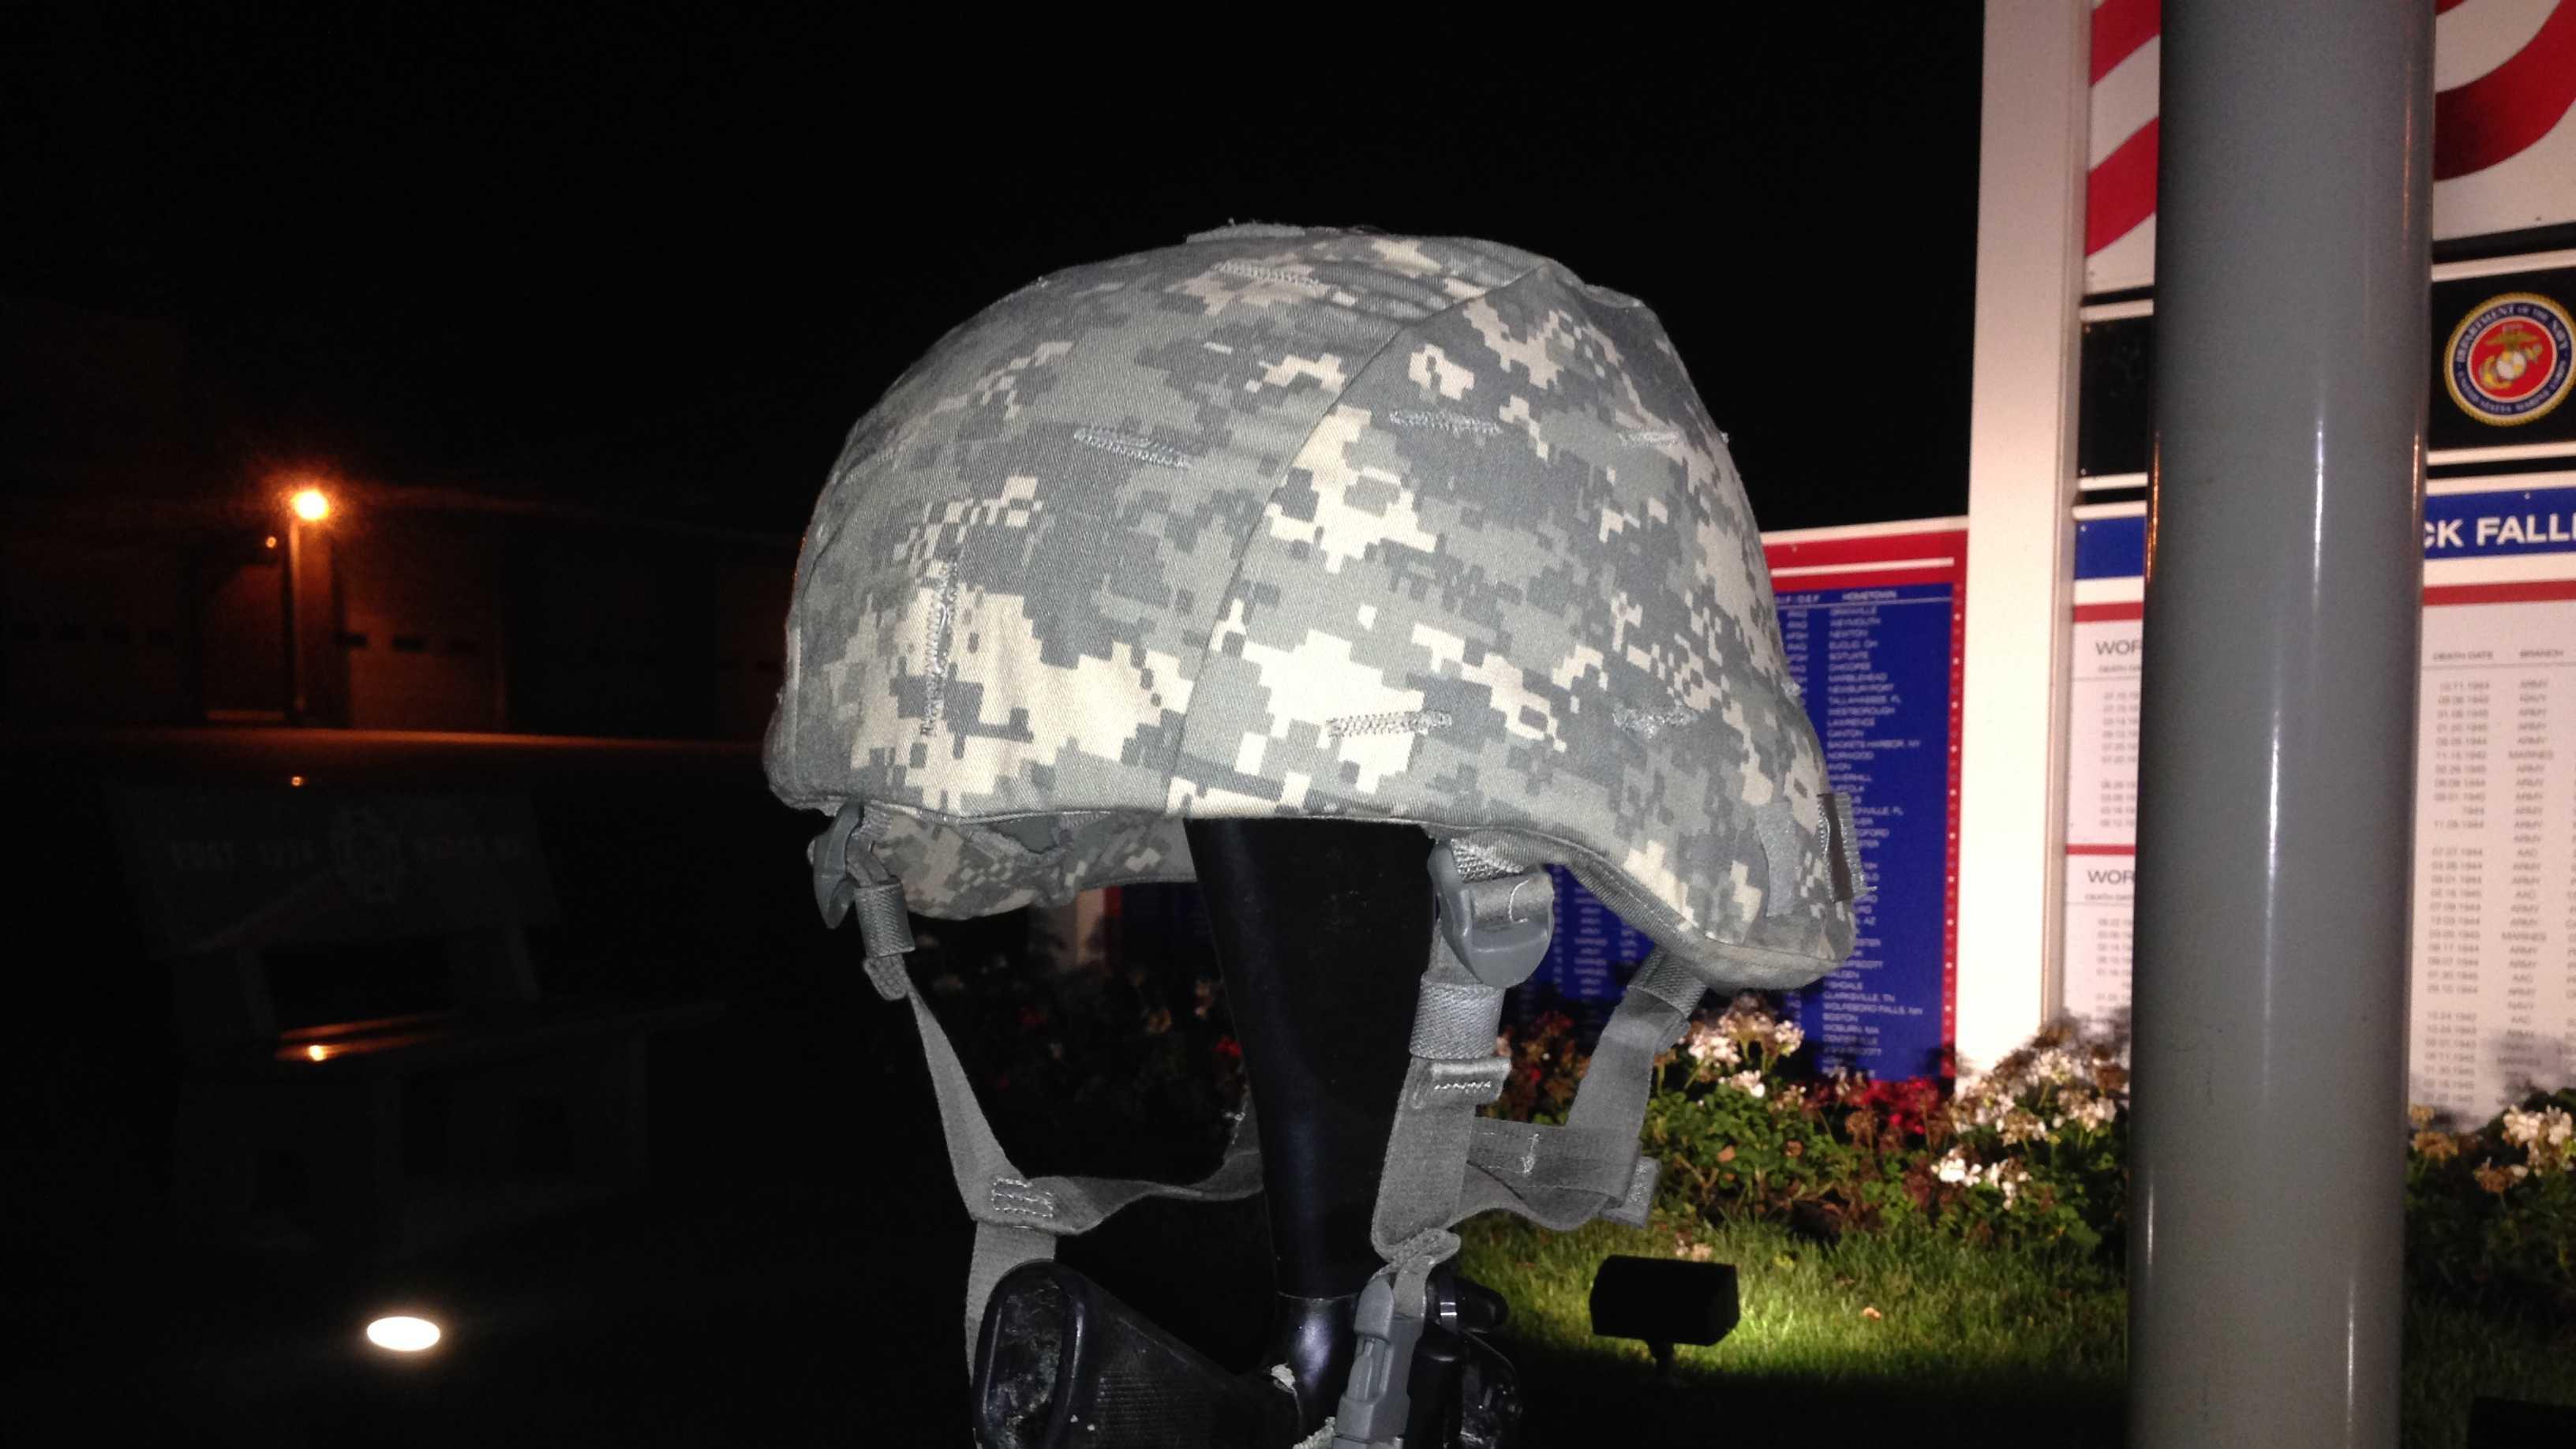 natick helmet replaced